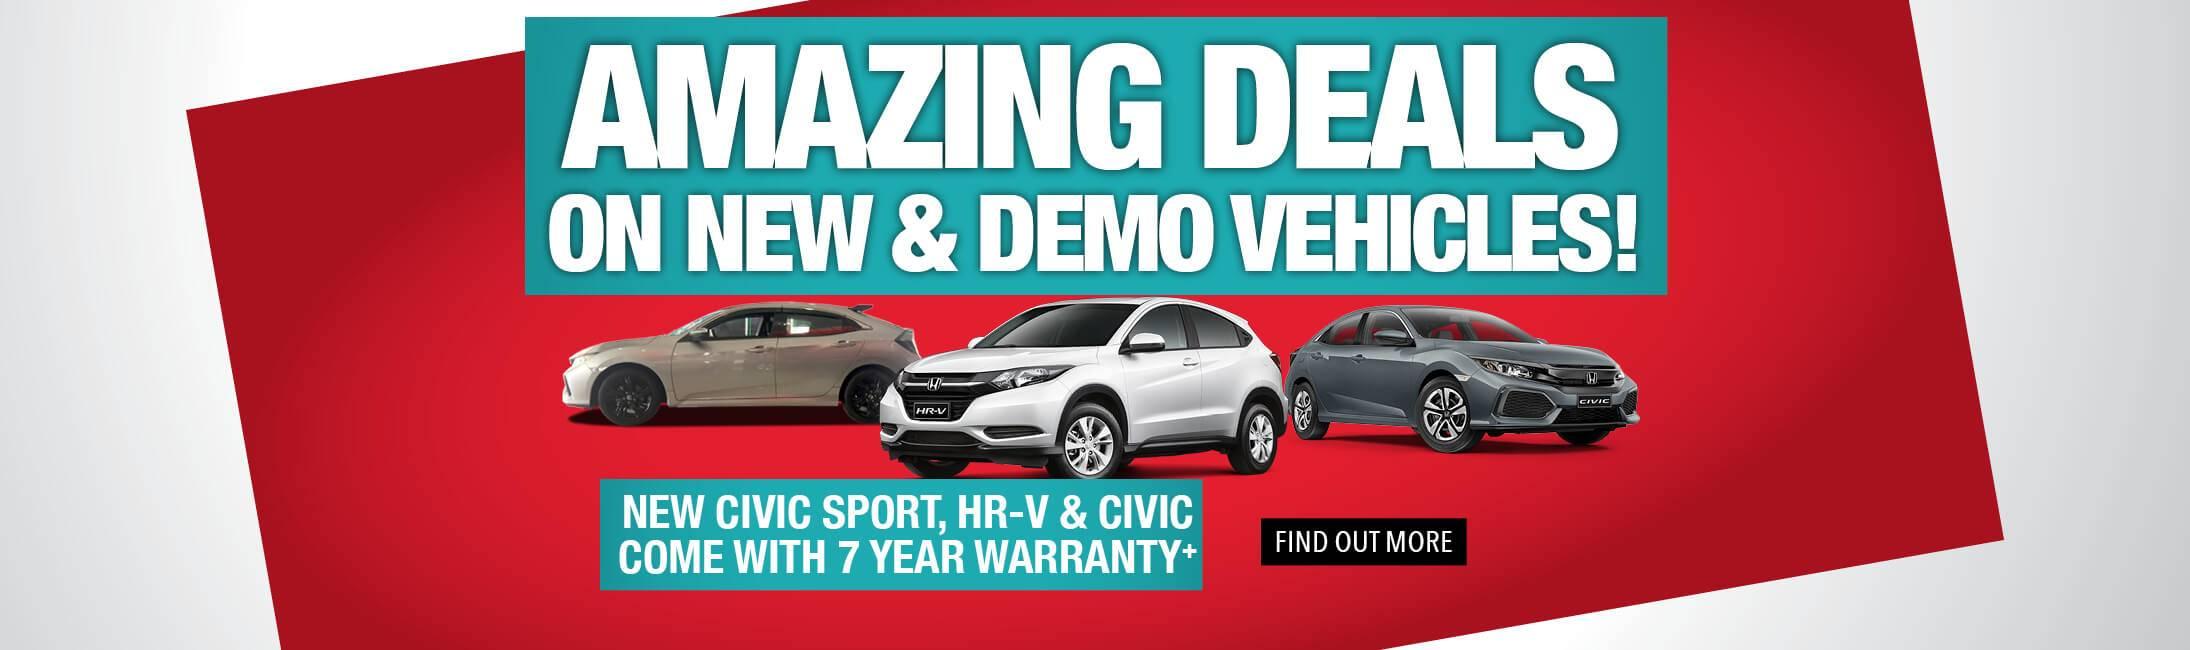 Western Hwy Honda-Amazing Deals